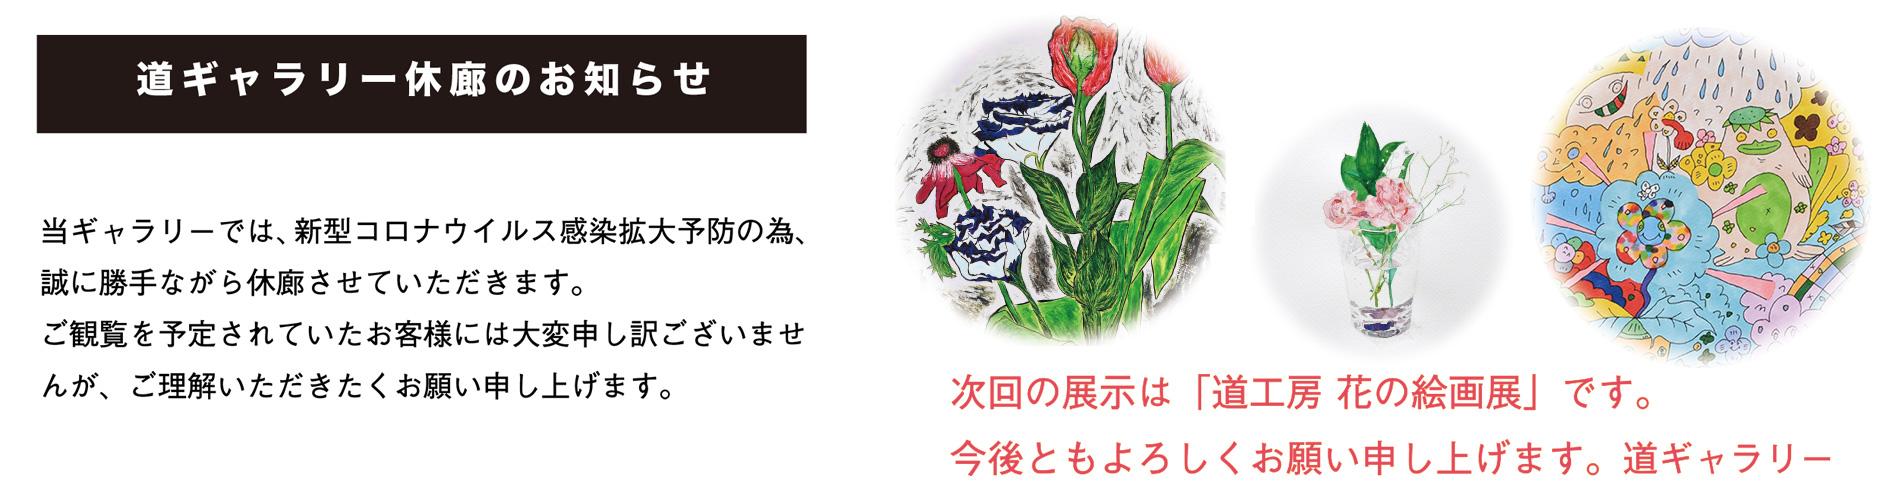 道ギャラリー日程